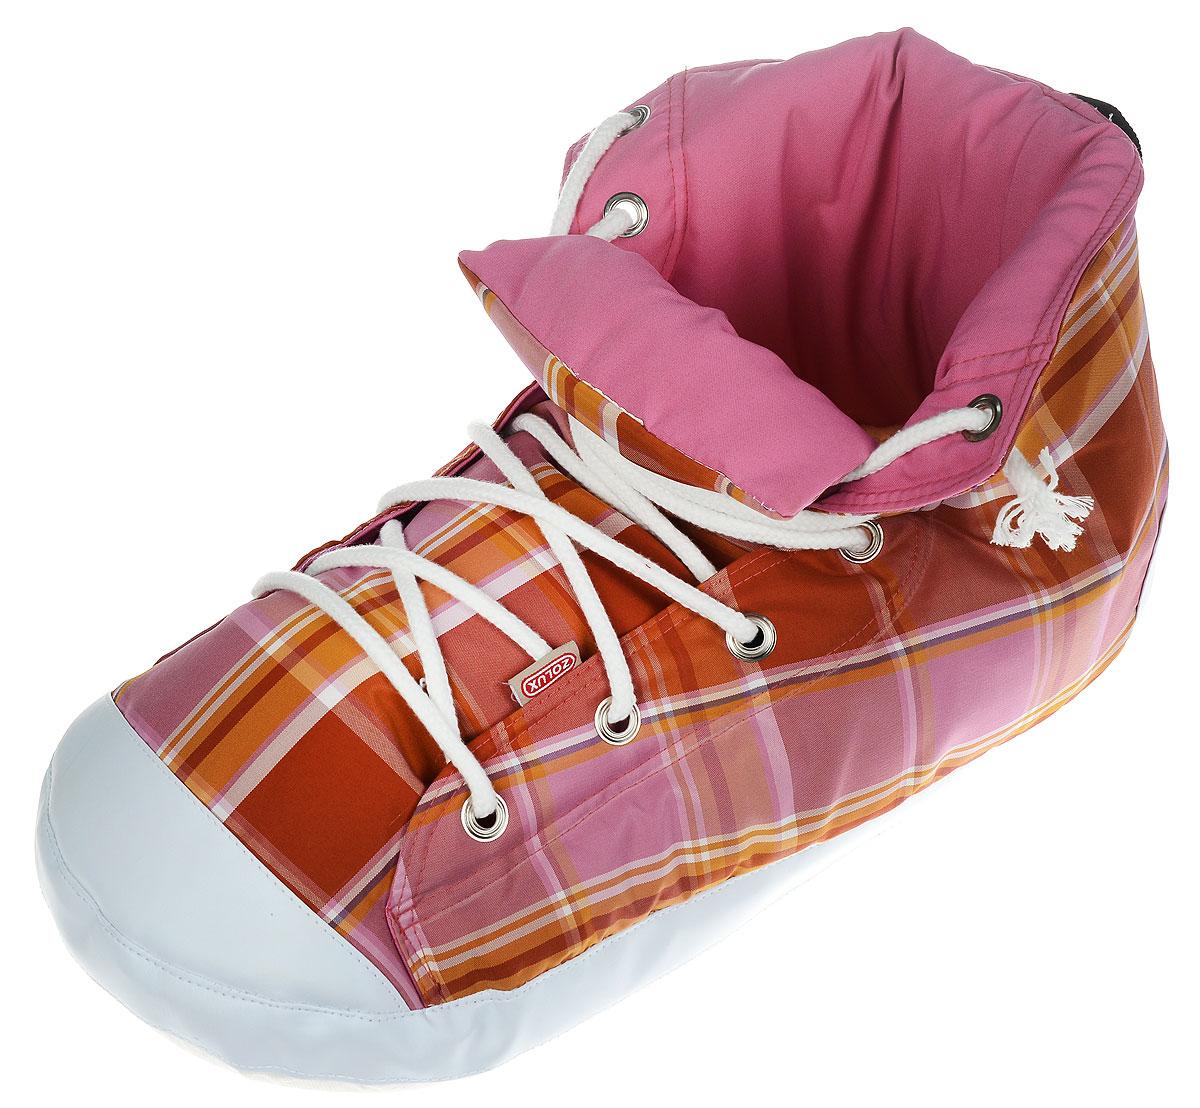 Лежанка-тапок для кошек Zolux, цвет: розовый, коричнево-желтый, белый, 54 х 25 х 27 см3336025002154 / 500215OSЛежанка-тапок Zolux станет лучшим подарком для вашего любимца. Изделие выполнено из хлопчатобумажной ткани, а наполнитель - мягкий синтепон. Шуршащая стенка надолго привлечет внимание кошки и обеспечит интересным времяпровождением. Съемная подстилка позволяет легко содержать лежанку в чистоте.В таком лежаке в виде ботинка вашему питомцу будет комфортно и уютно, животное всегда найдет там укрытие и сможет спрятаться. С помощью специальной петли изделие можно подвесить.